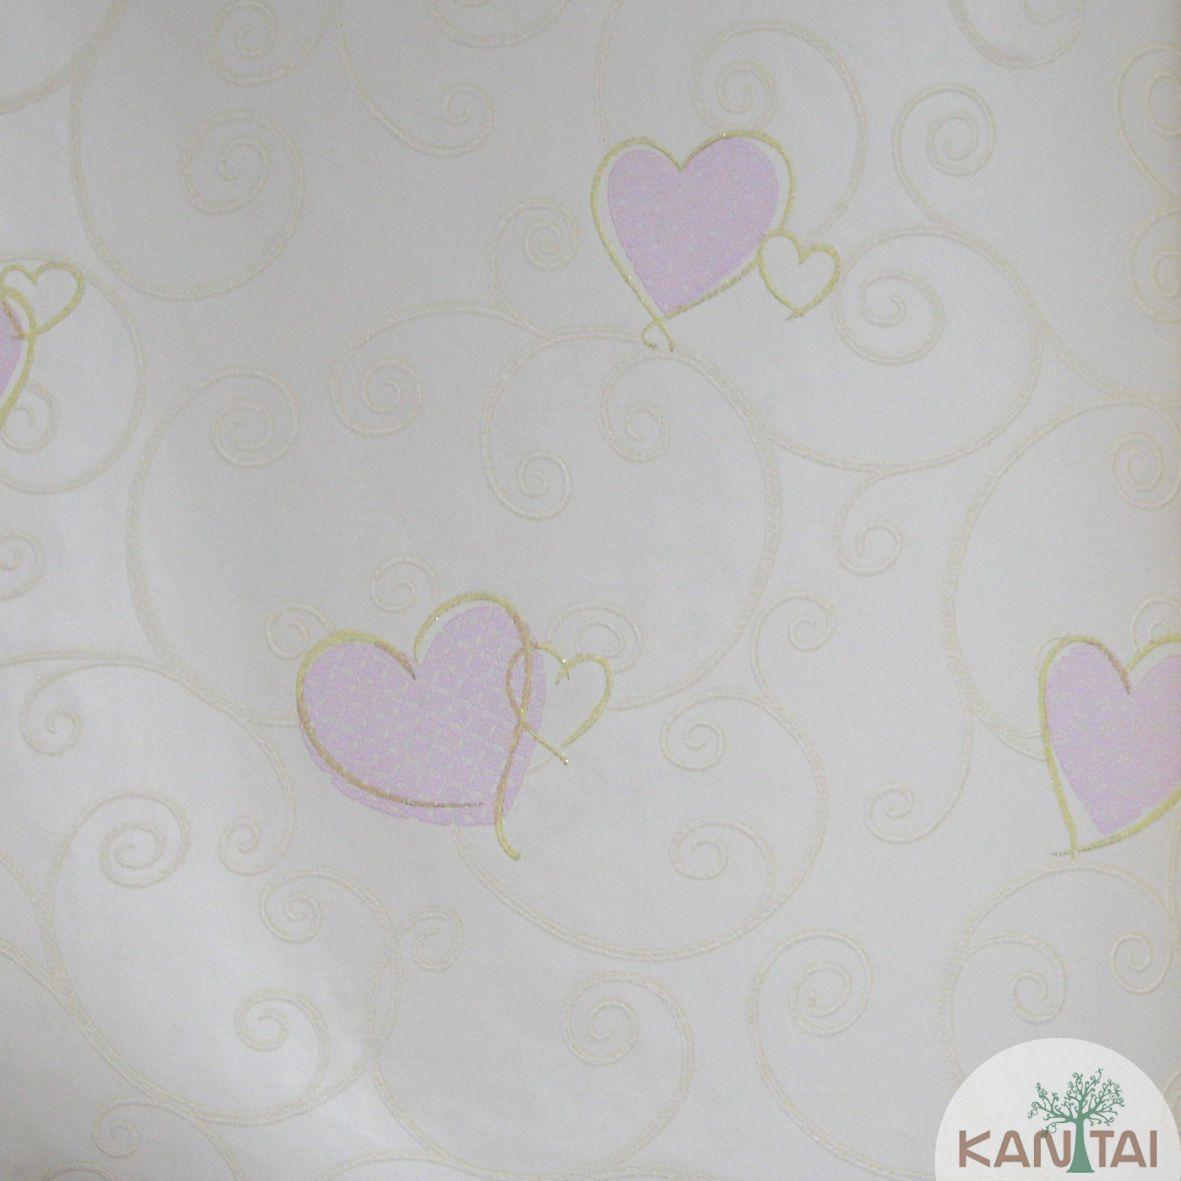 Papel de Parede Importado Kan Tai  TNT Infantil Coleção Grace  Corações Creme, Rosa, Dourado, Baixo relevo